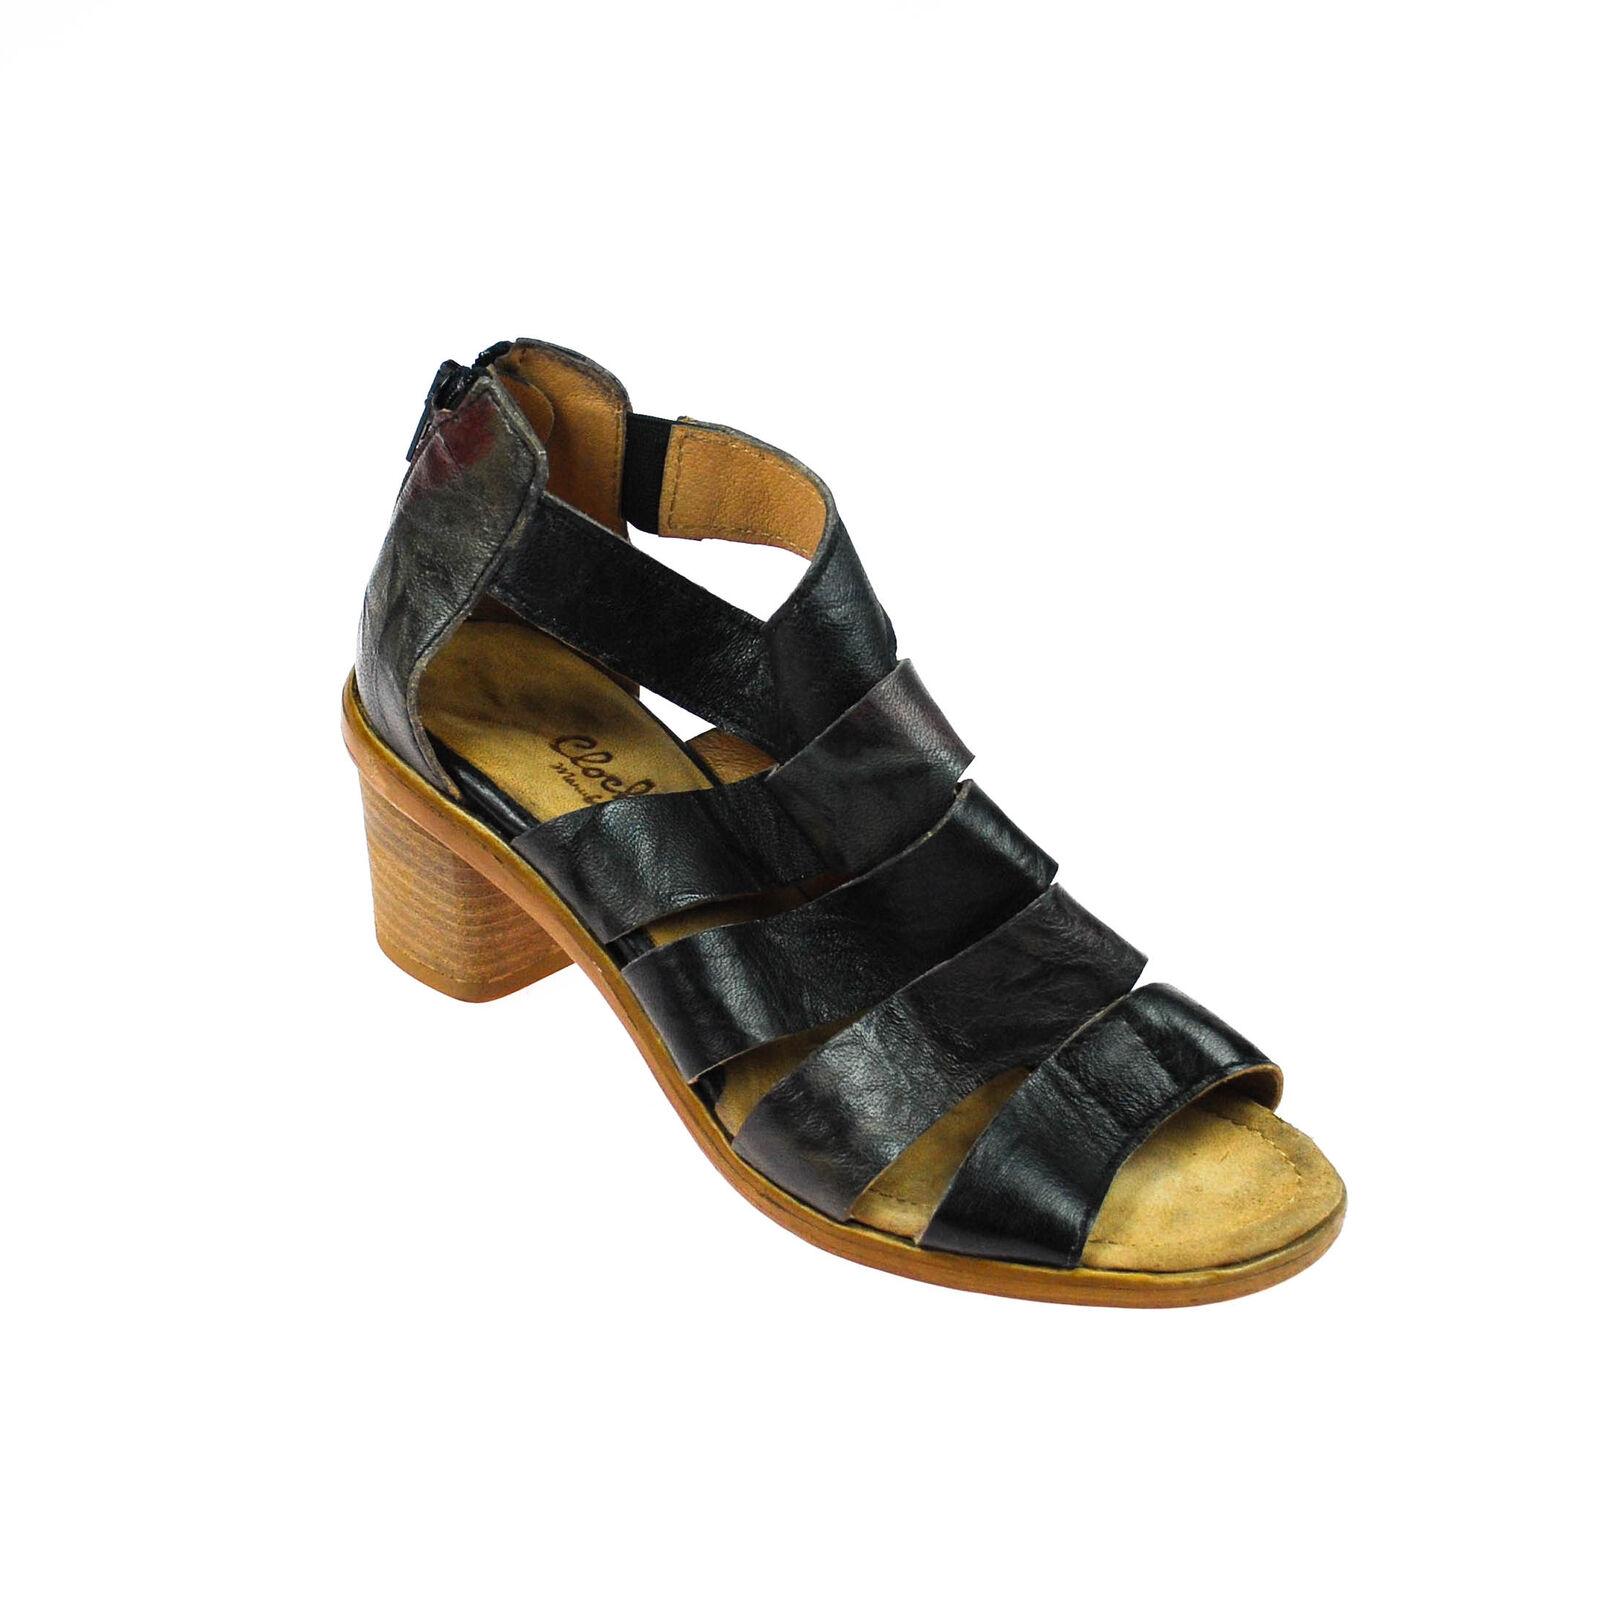 Fascino Sandalo Da Donna Scarpe Basse Aperta in Pelle Marronee Scuro Marronee Grigio Misura 37